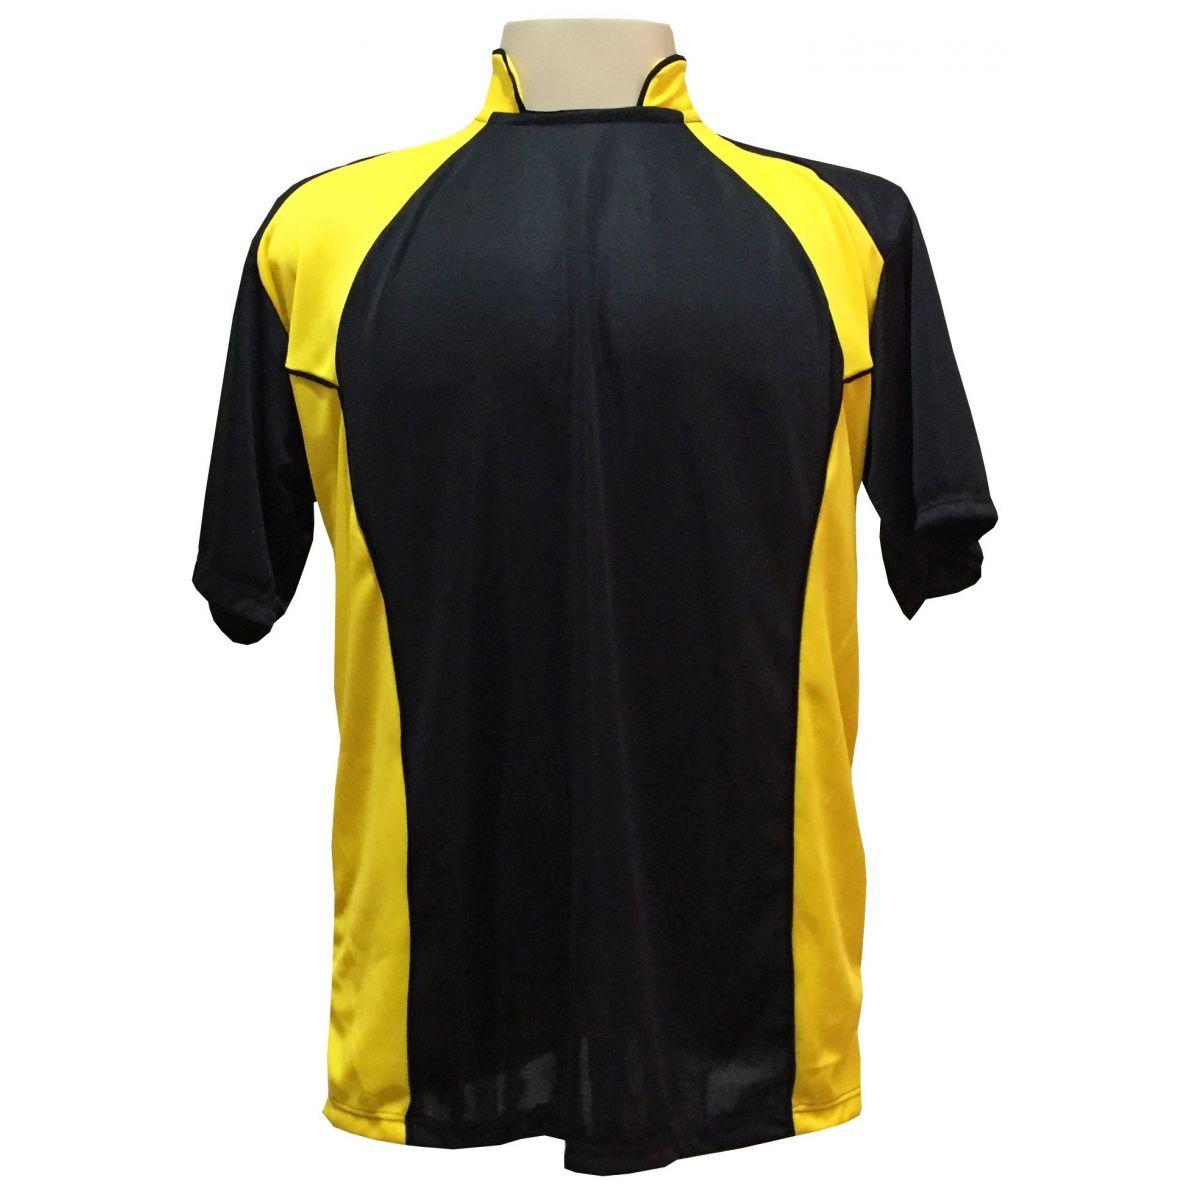 Uniforme Esportivo com 14 camisas modelo Suécia Preto/Amarelo + 14 calções modelo Madrid Preto + 14 pares de meiões Preto